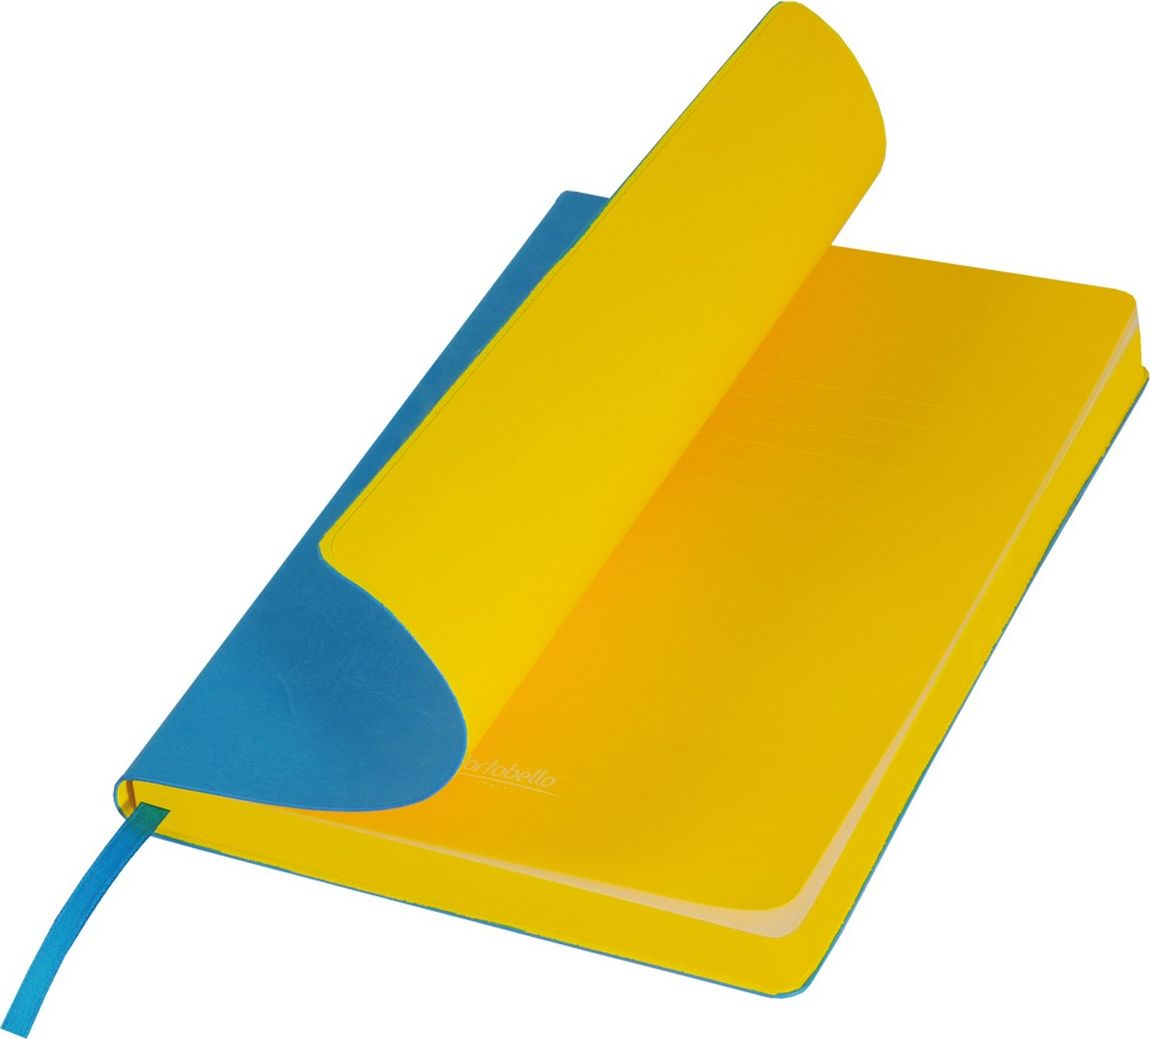 Portobello Trend Ежедневник недатированный River Side 128 листов цвет голубой желтыйLXX1501256-600Гибкая обложка выполнена из материала с эффектом «венецианской штукатурки». На ощупь прослеживается мелкий рельеф. Фактура – глянцевая. Тон за счет фактуры может меняться в зависимости от освещения. Цвет форзацев контрастный и яркий. Ляссе в цвет форзаца.